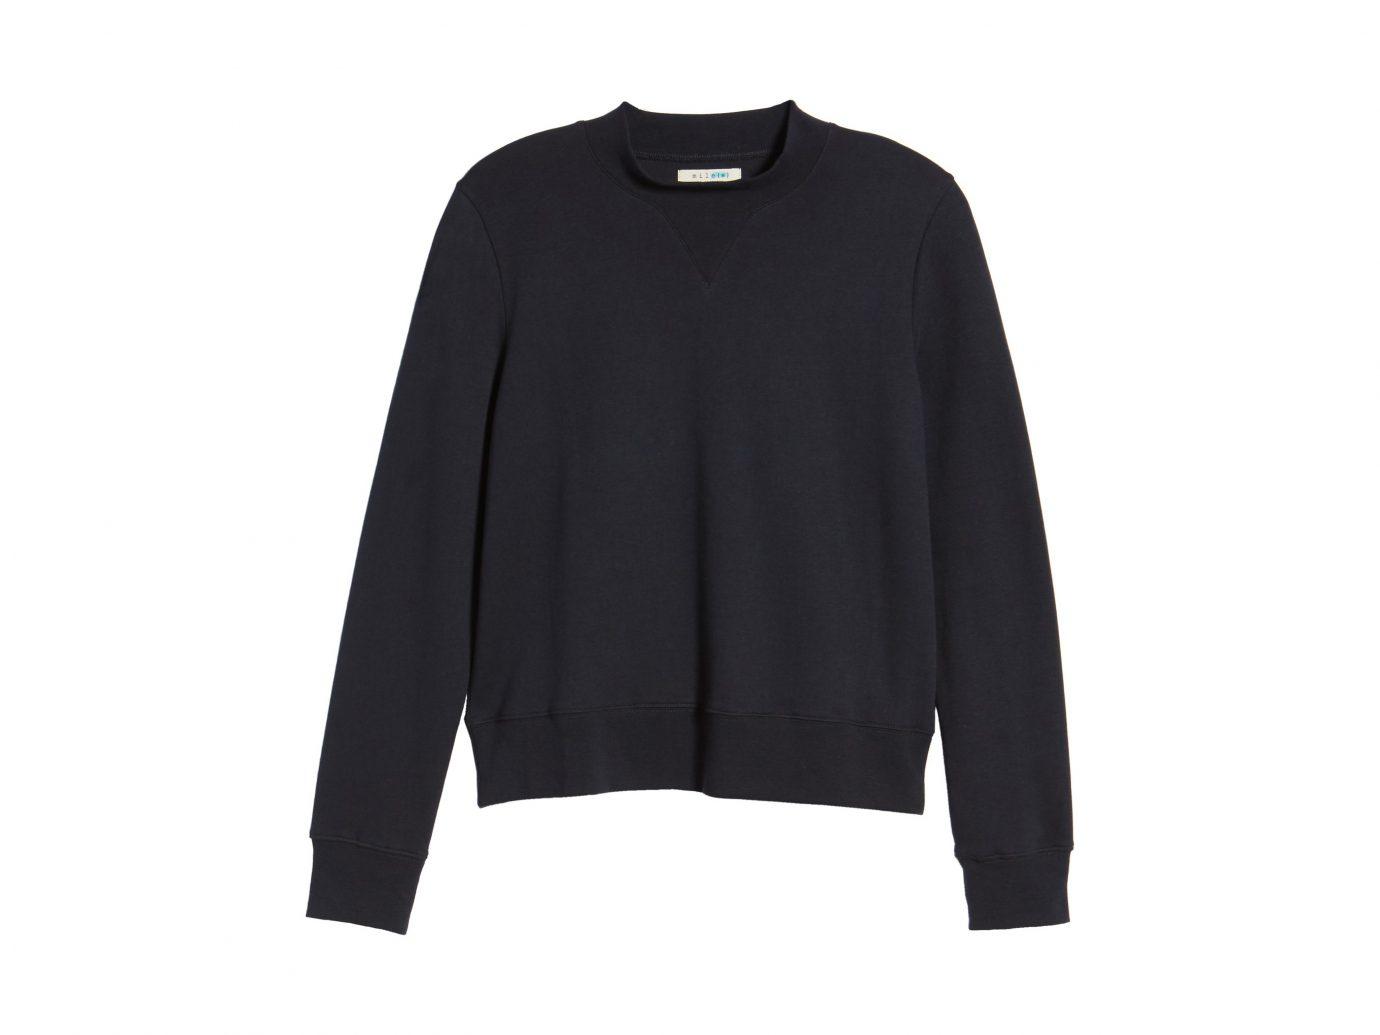 best sweatshirts, Madewell Offline Mock Neck Top